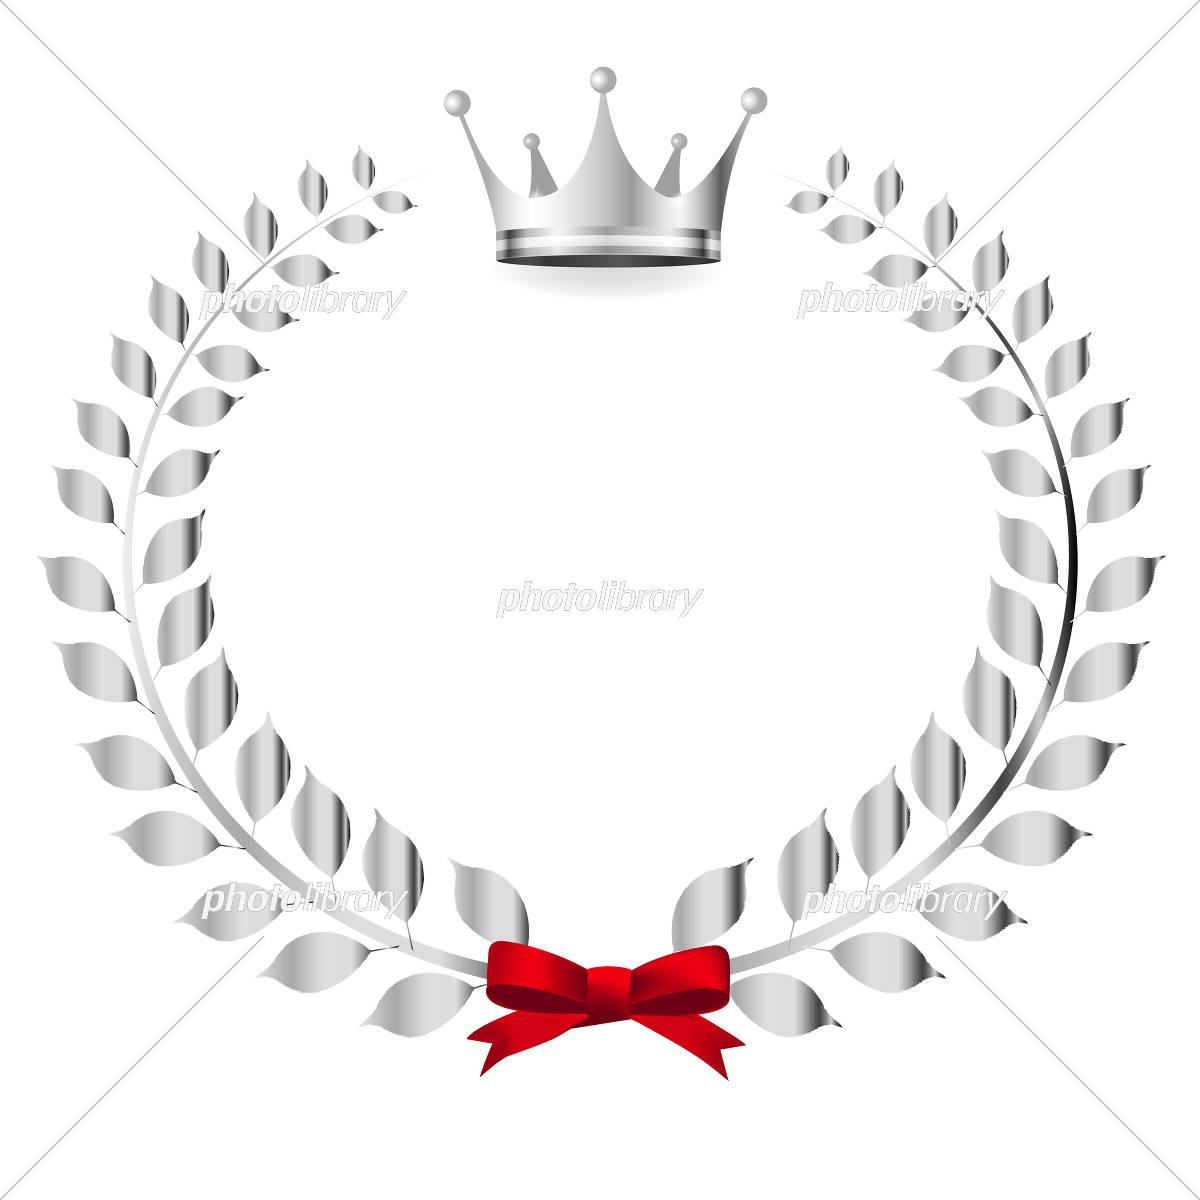 王冠 イラスト素材 5092085 フォトライブラリー Photolibrary